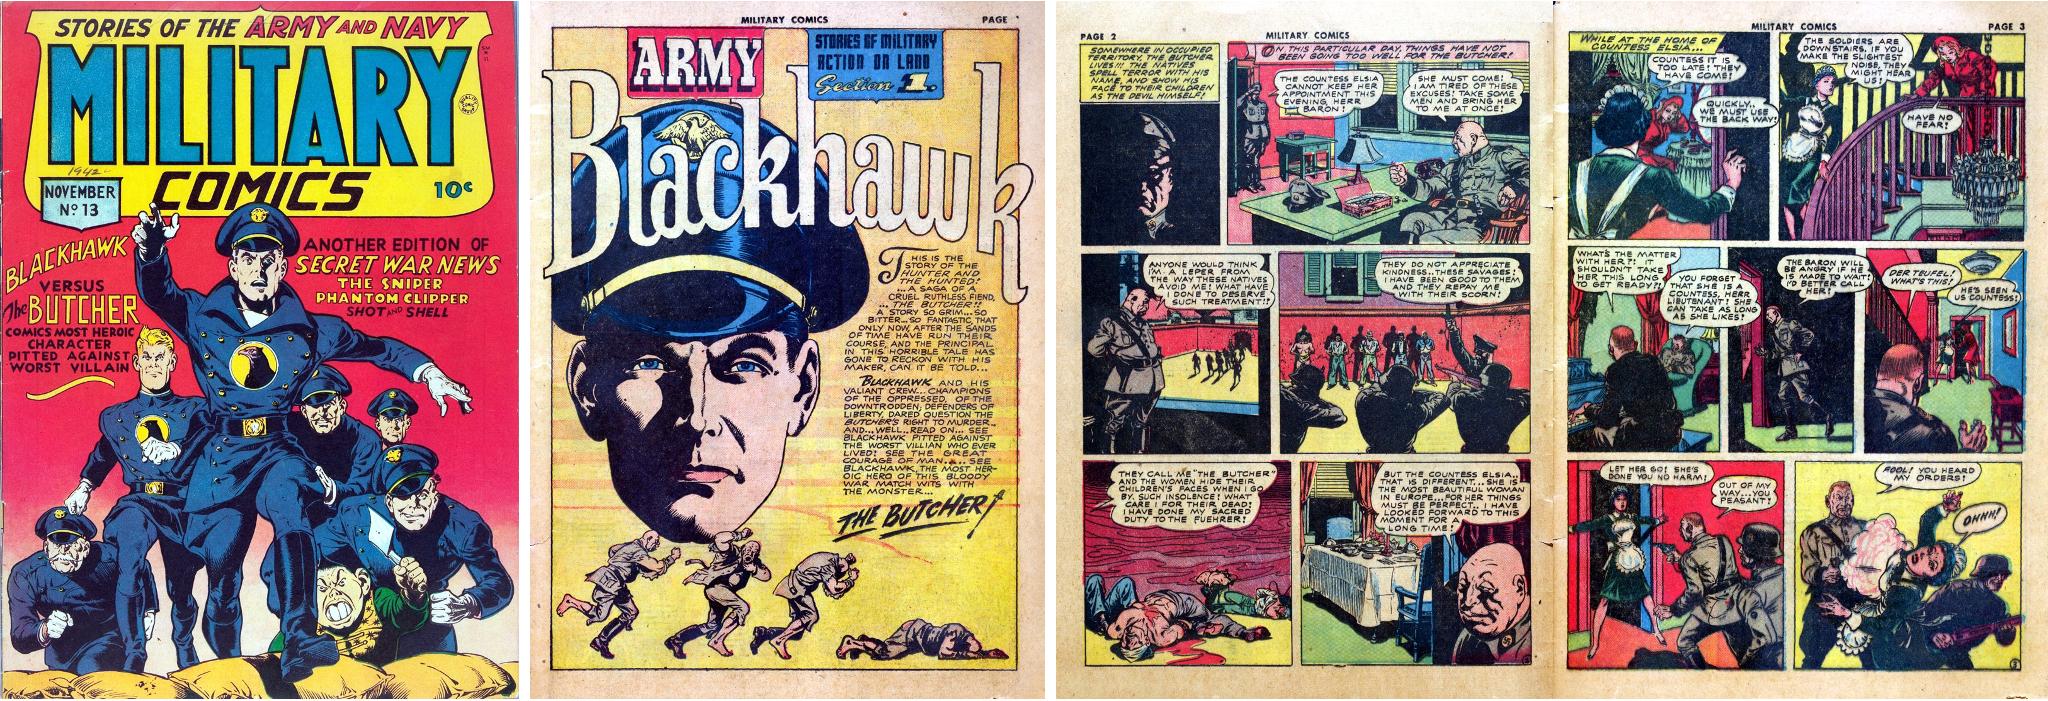 Omslag till Military Comics #13, och inledande sidor av en episod med Blackhawk. ©Quality/Comic Magazines